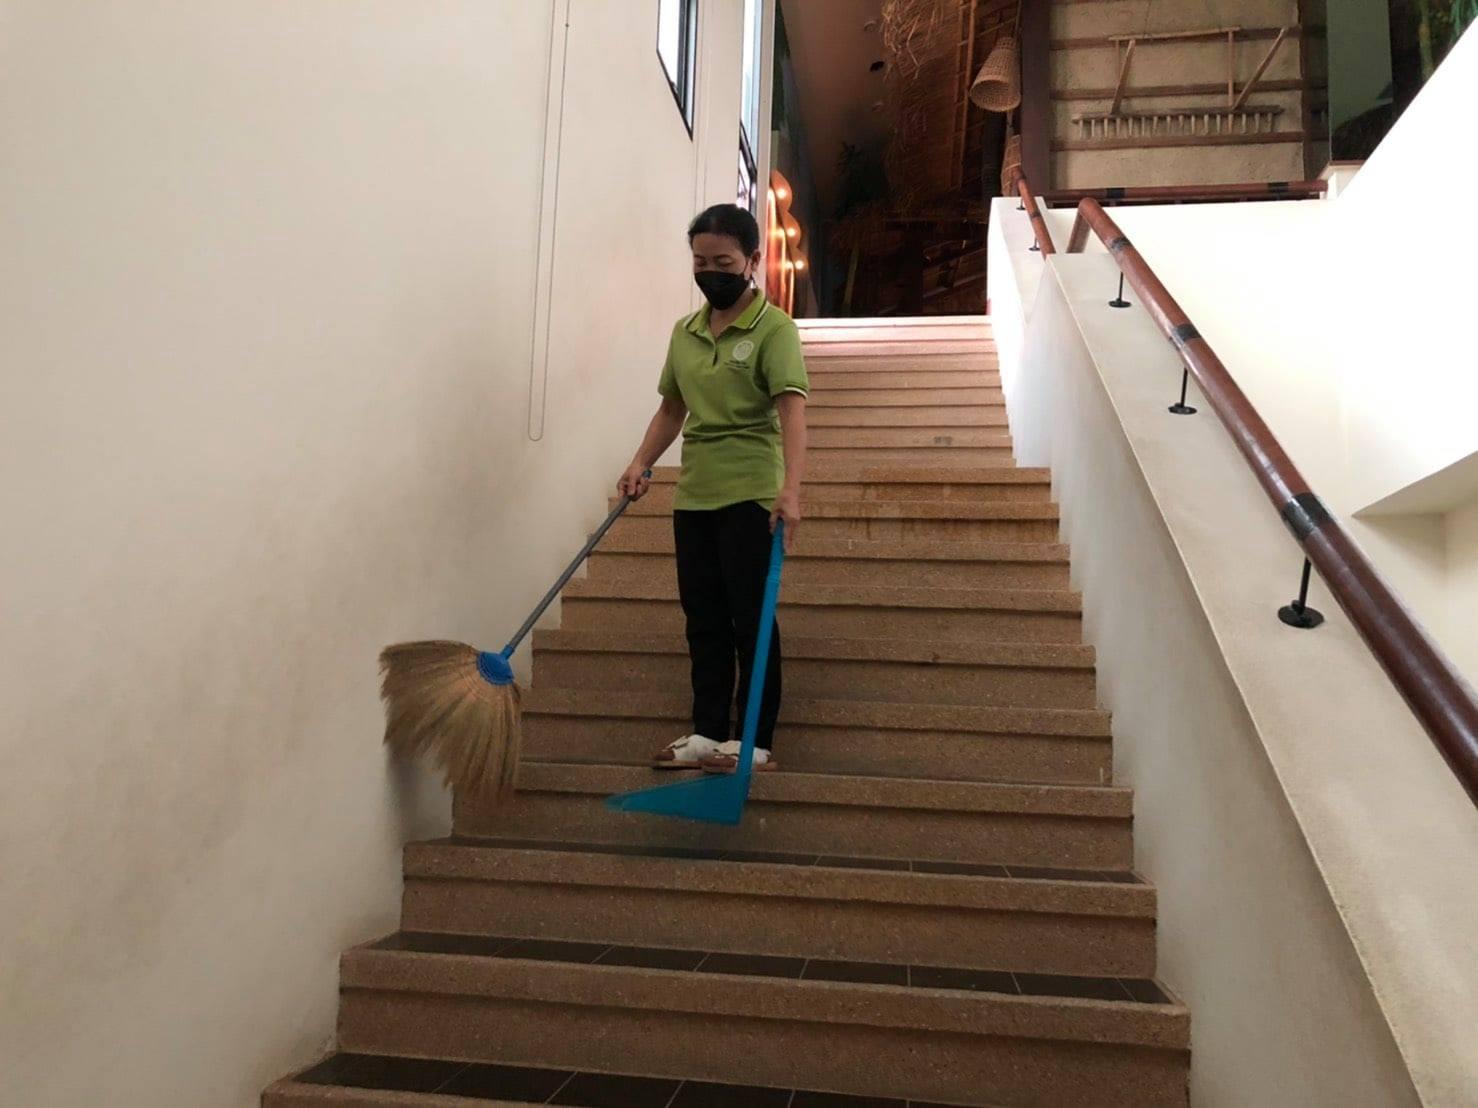 กิจกรรม   Cleaning Day   ประจำวันอาทิตย์ที่ ๑ สิงหาคม พ.ศ. ๒๕๖๔